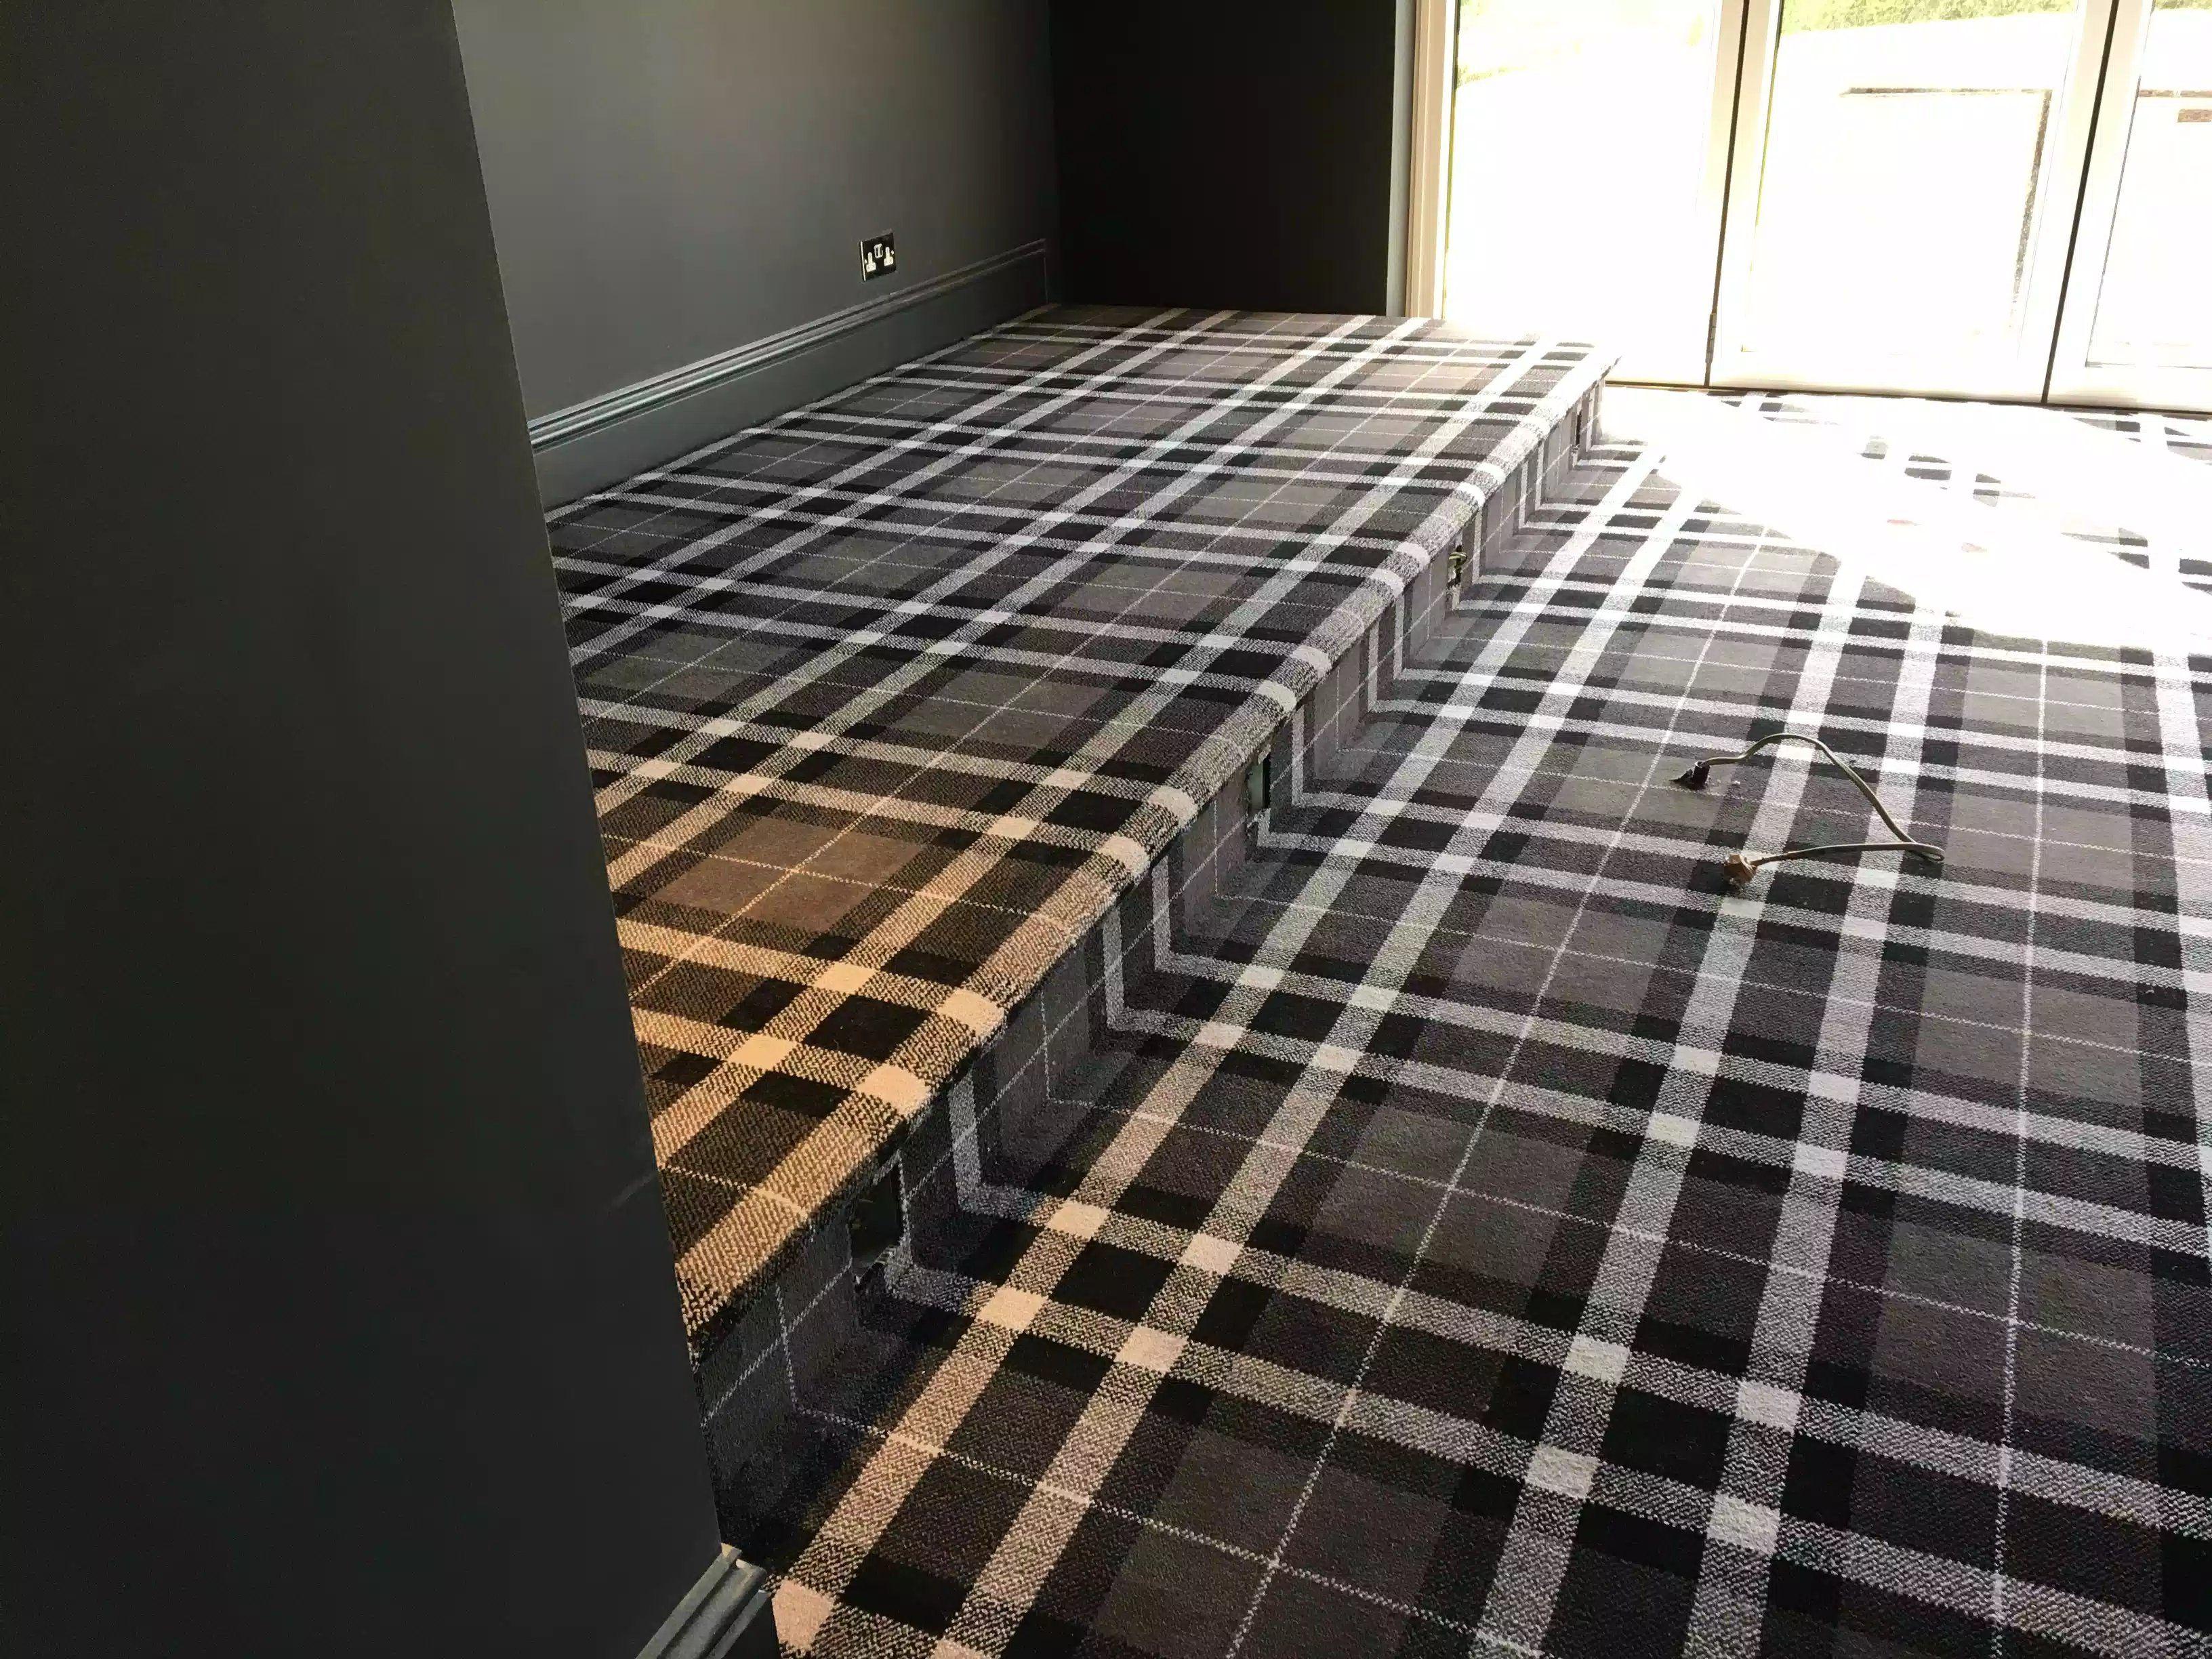 Tartan Carpet Fitted By Ben Champness For Higherground Camberley Higherground Co Uk Carpet Fitting Tartan Carpet Flooring